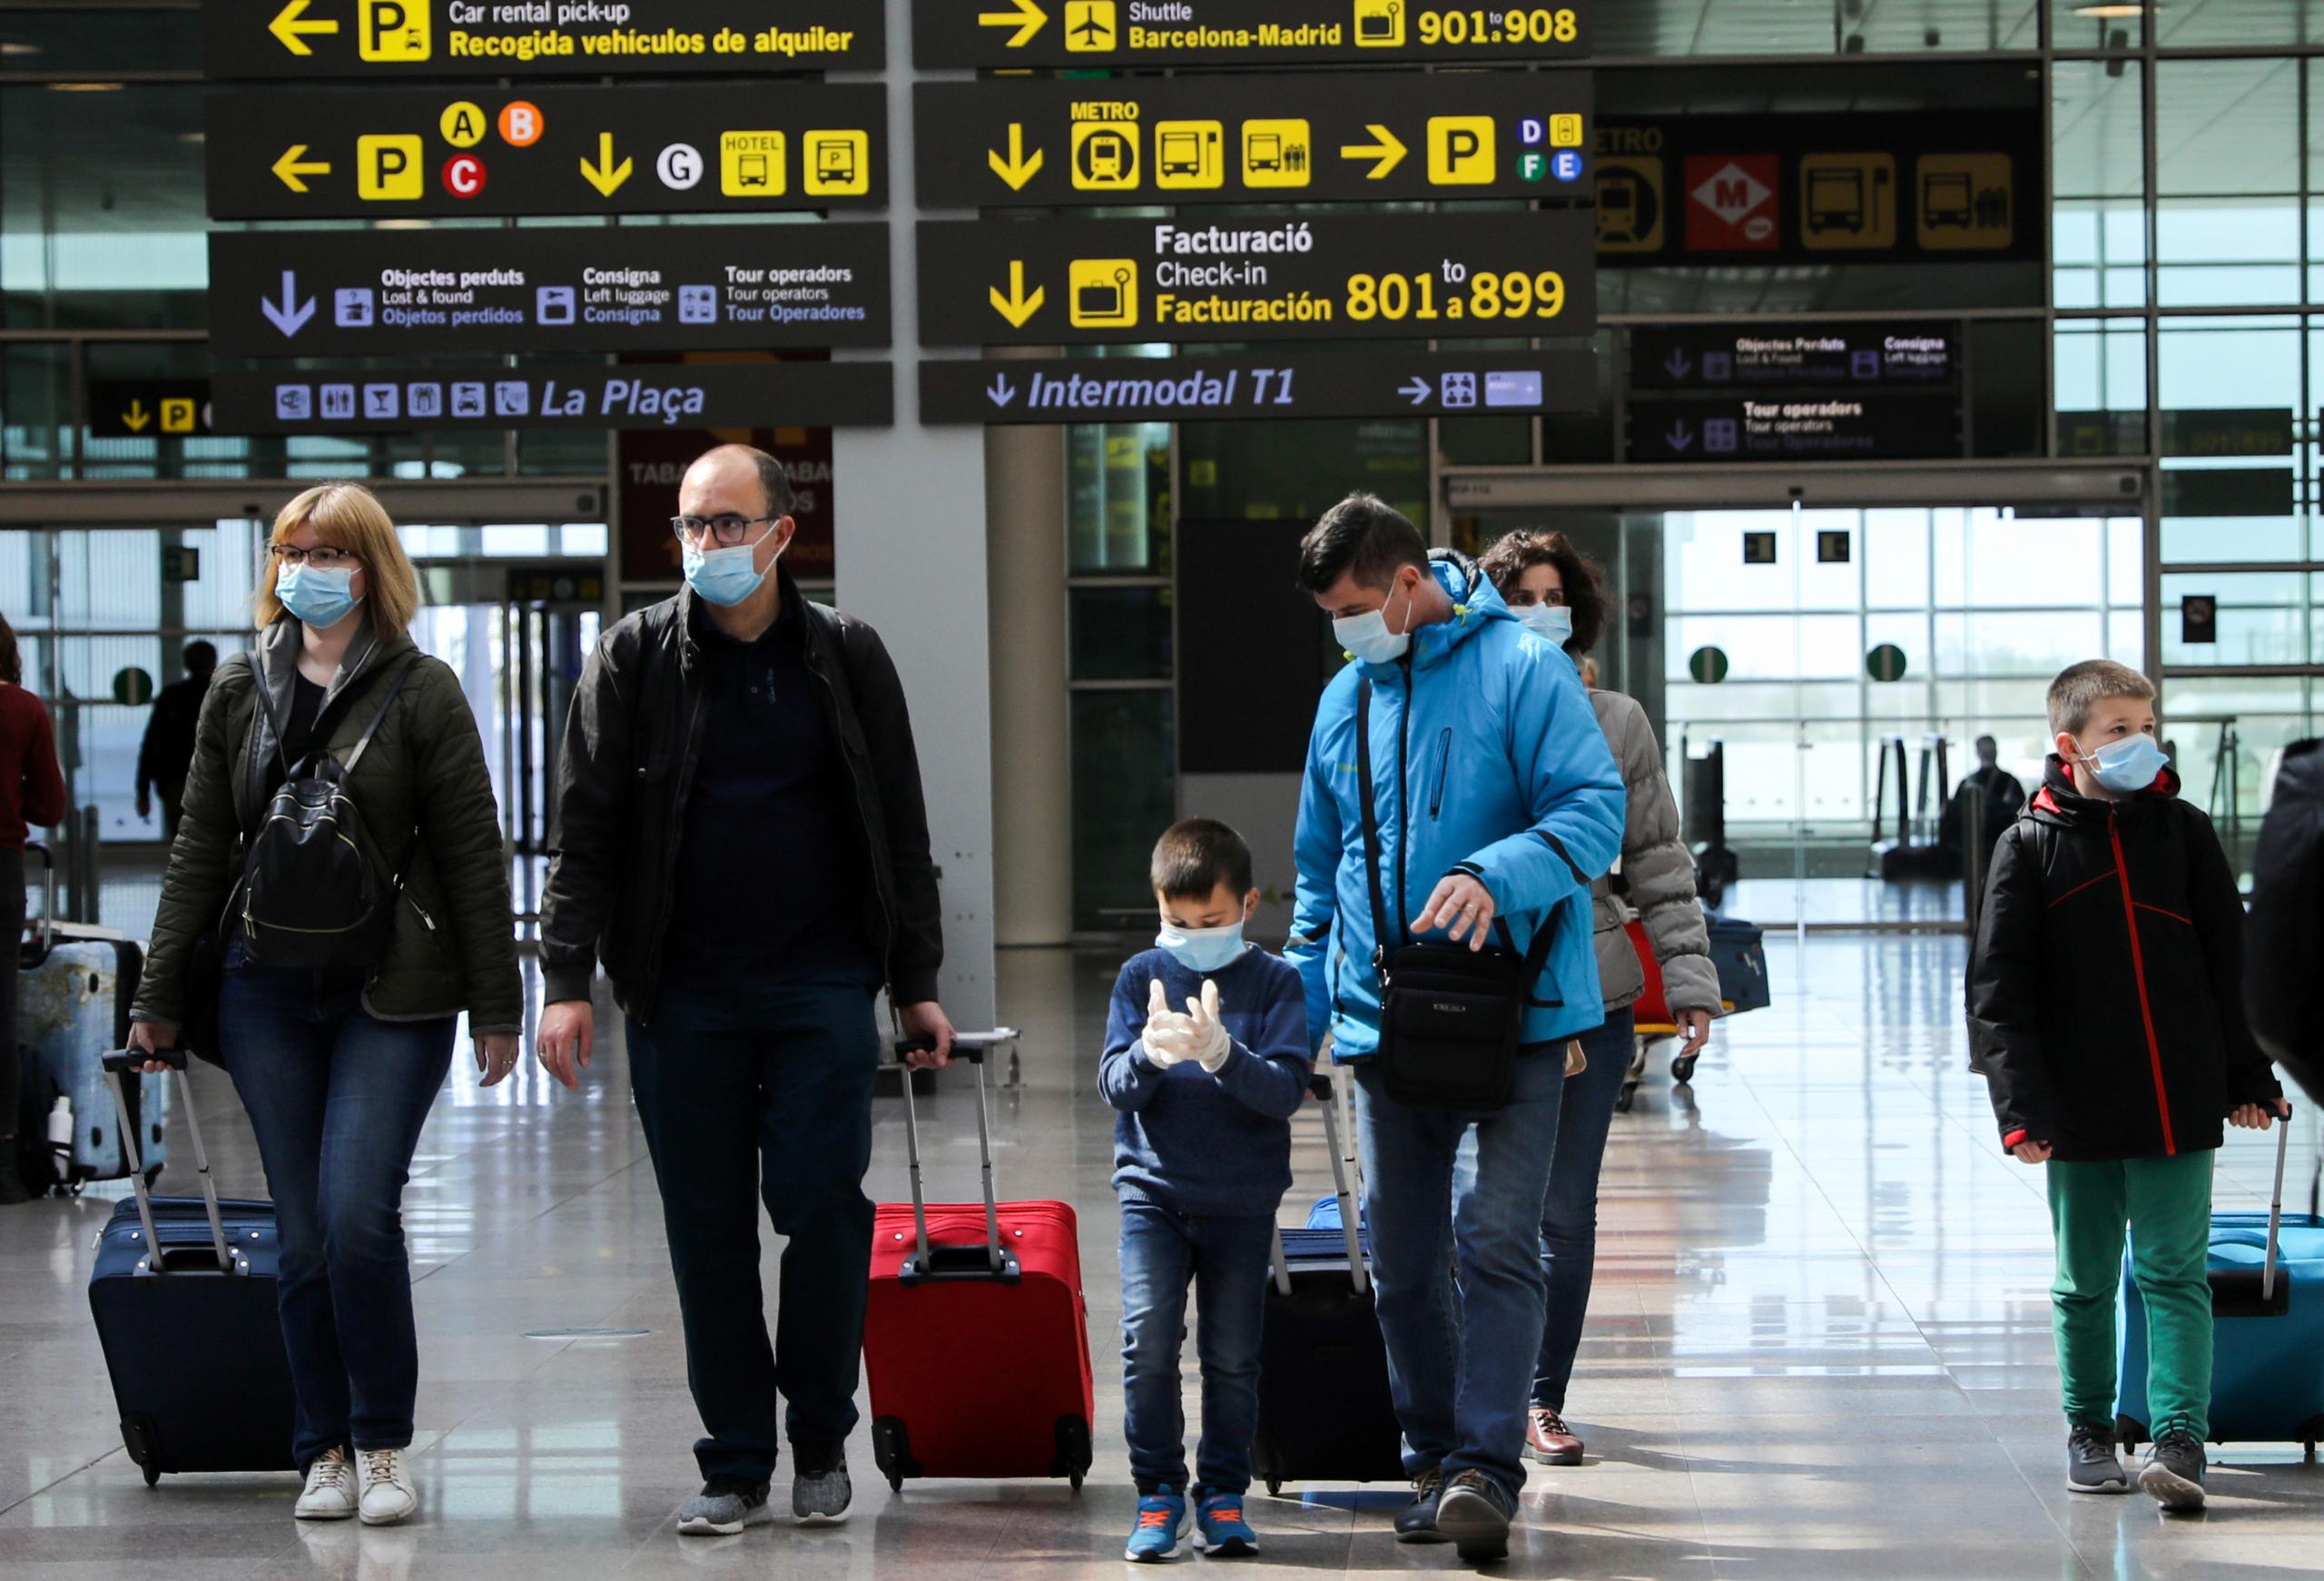 Coronavirus: México registra récord en casos diarios; Unión Europea estudia prohibir entrada a turistas de países con altos números de contagios